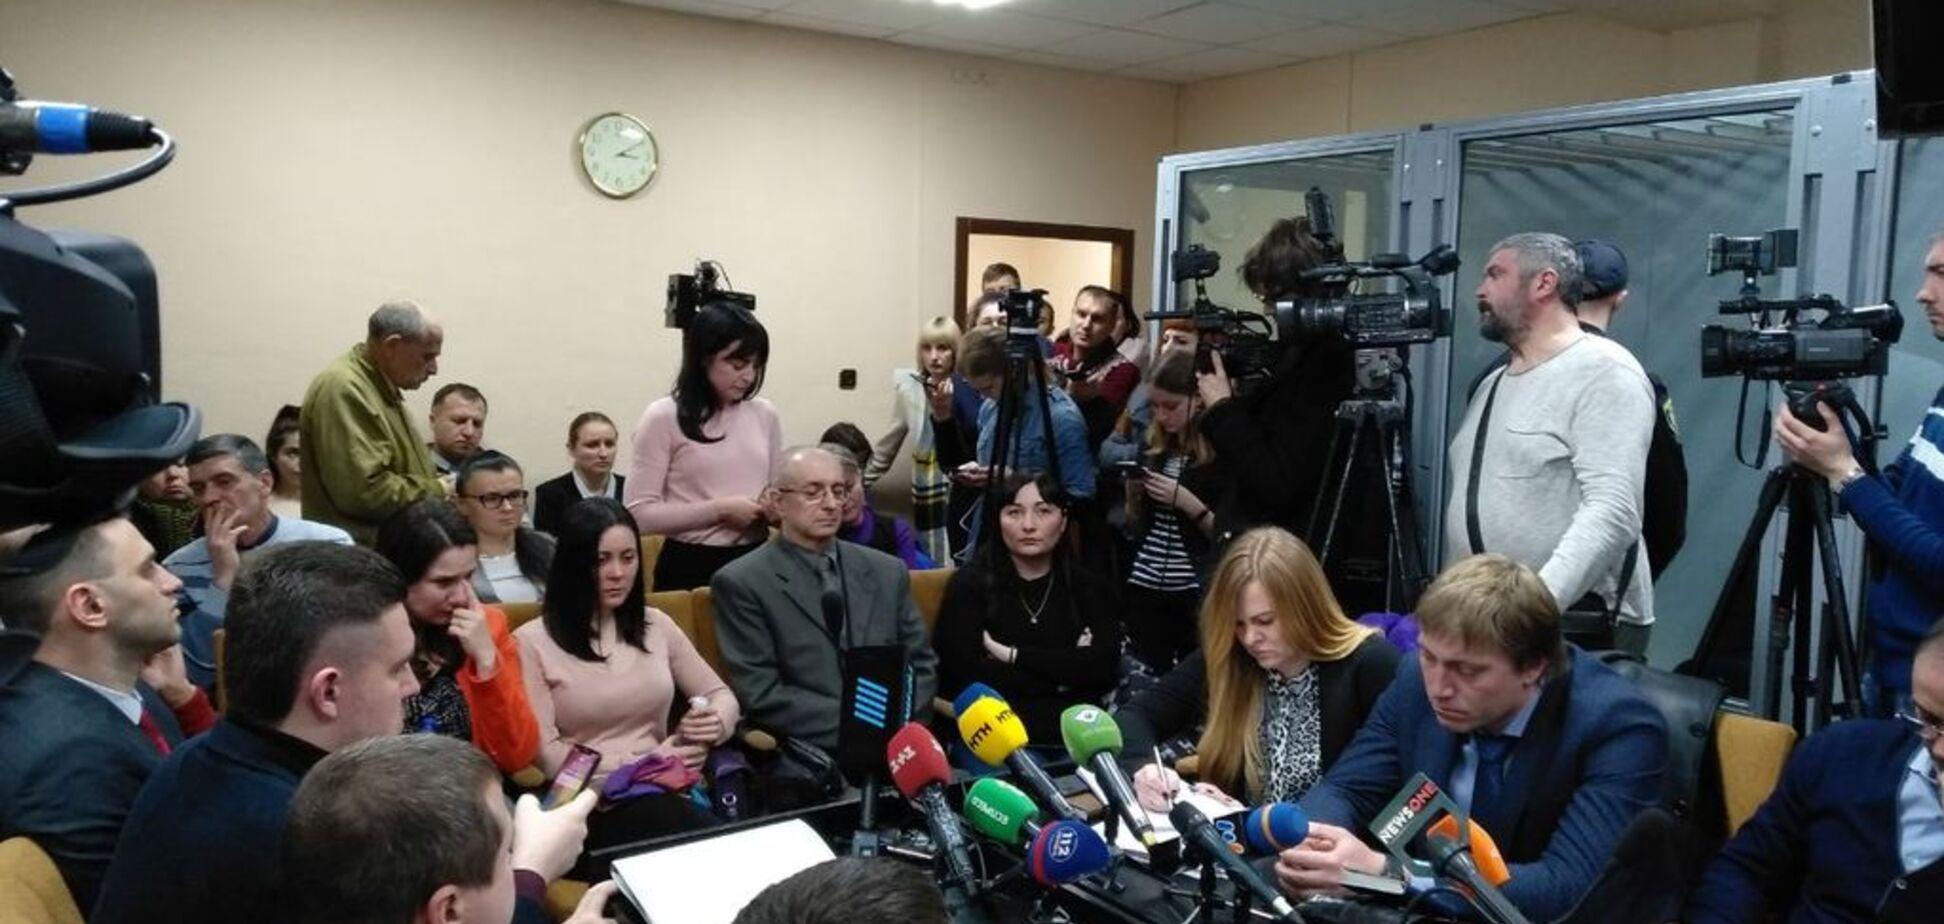 ДТП на Сумській: на суді потерпілі раптово звернулися до матері Зайцевої